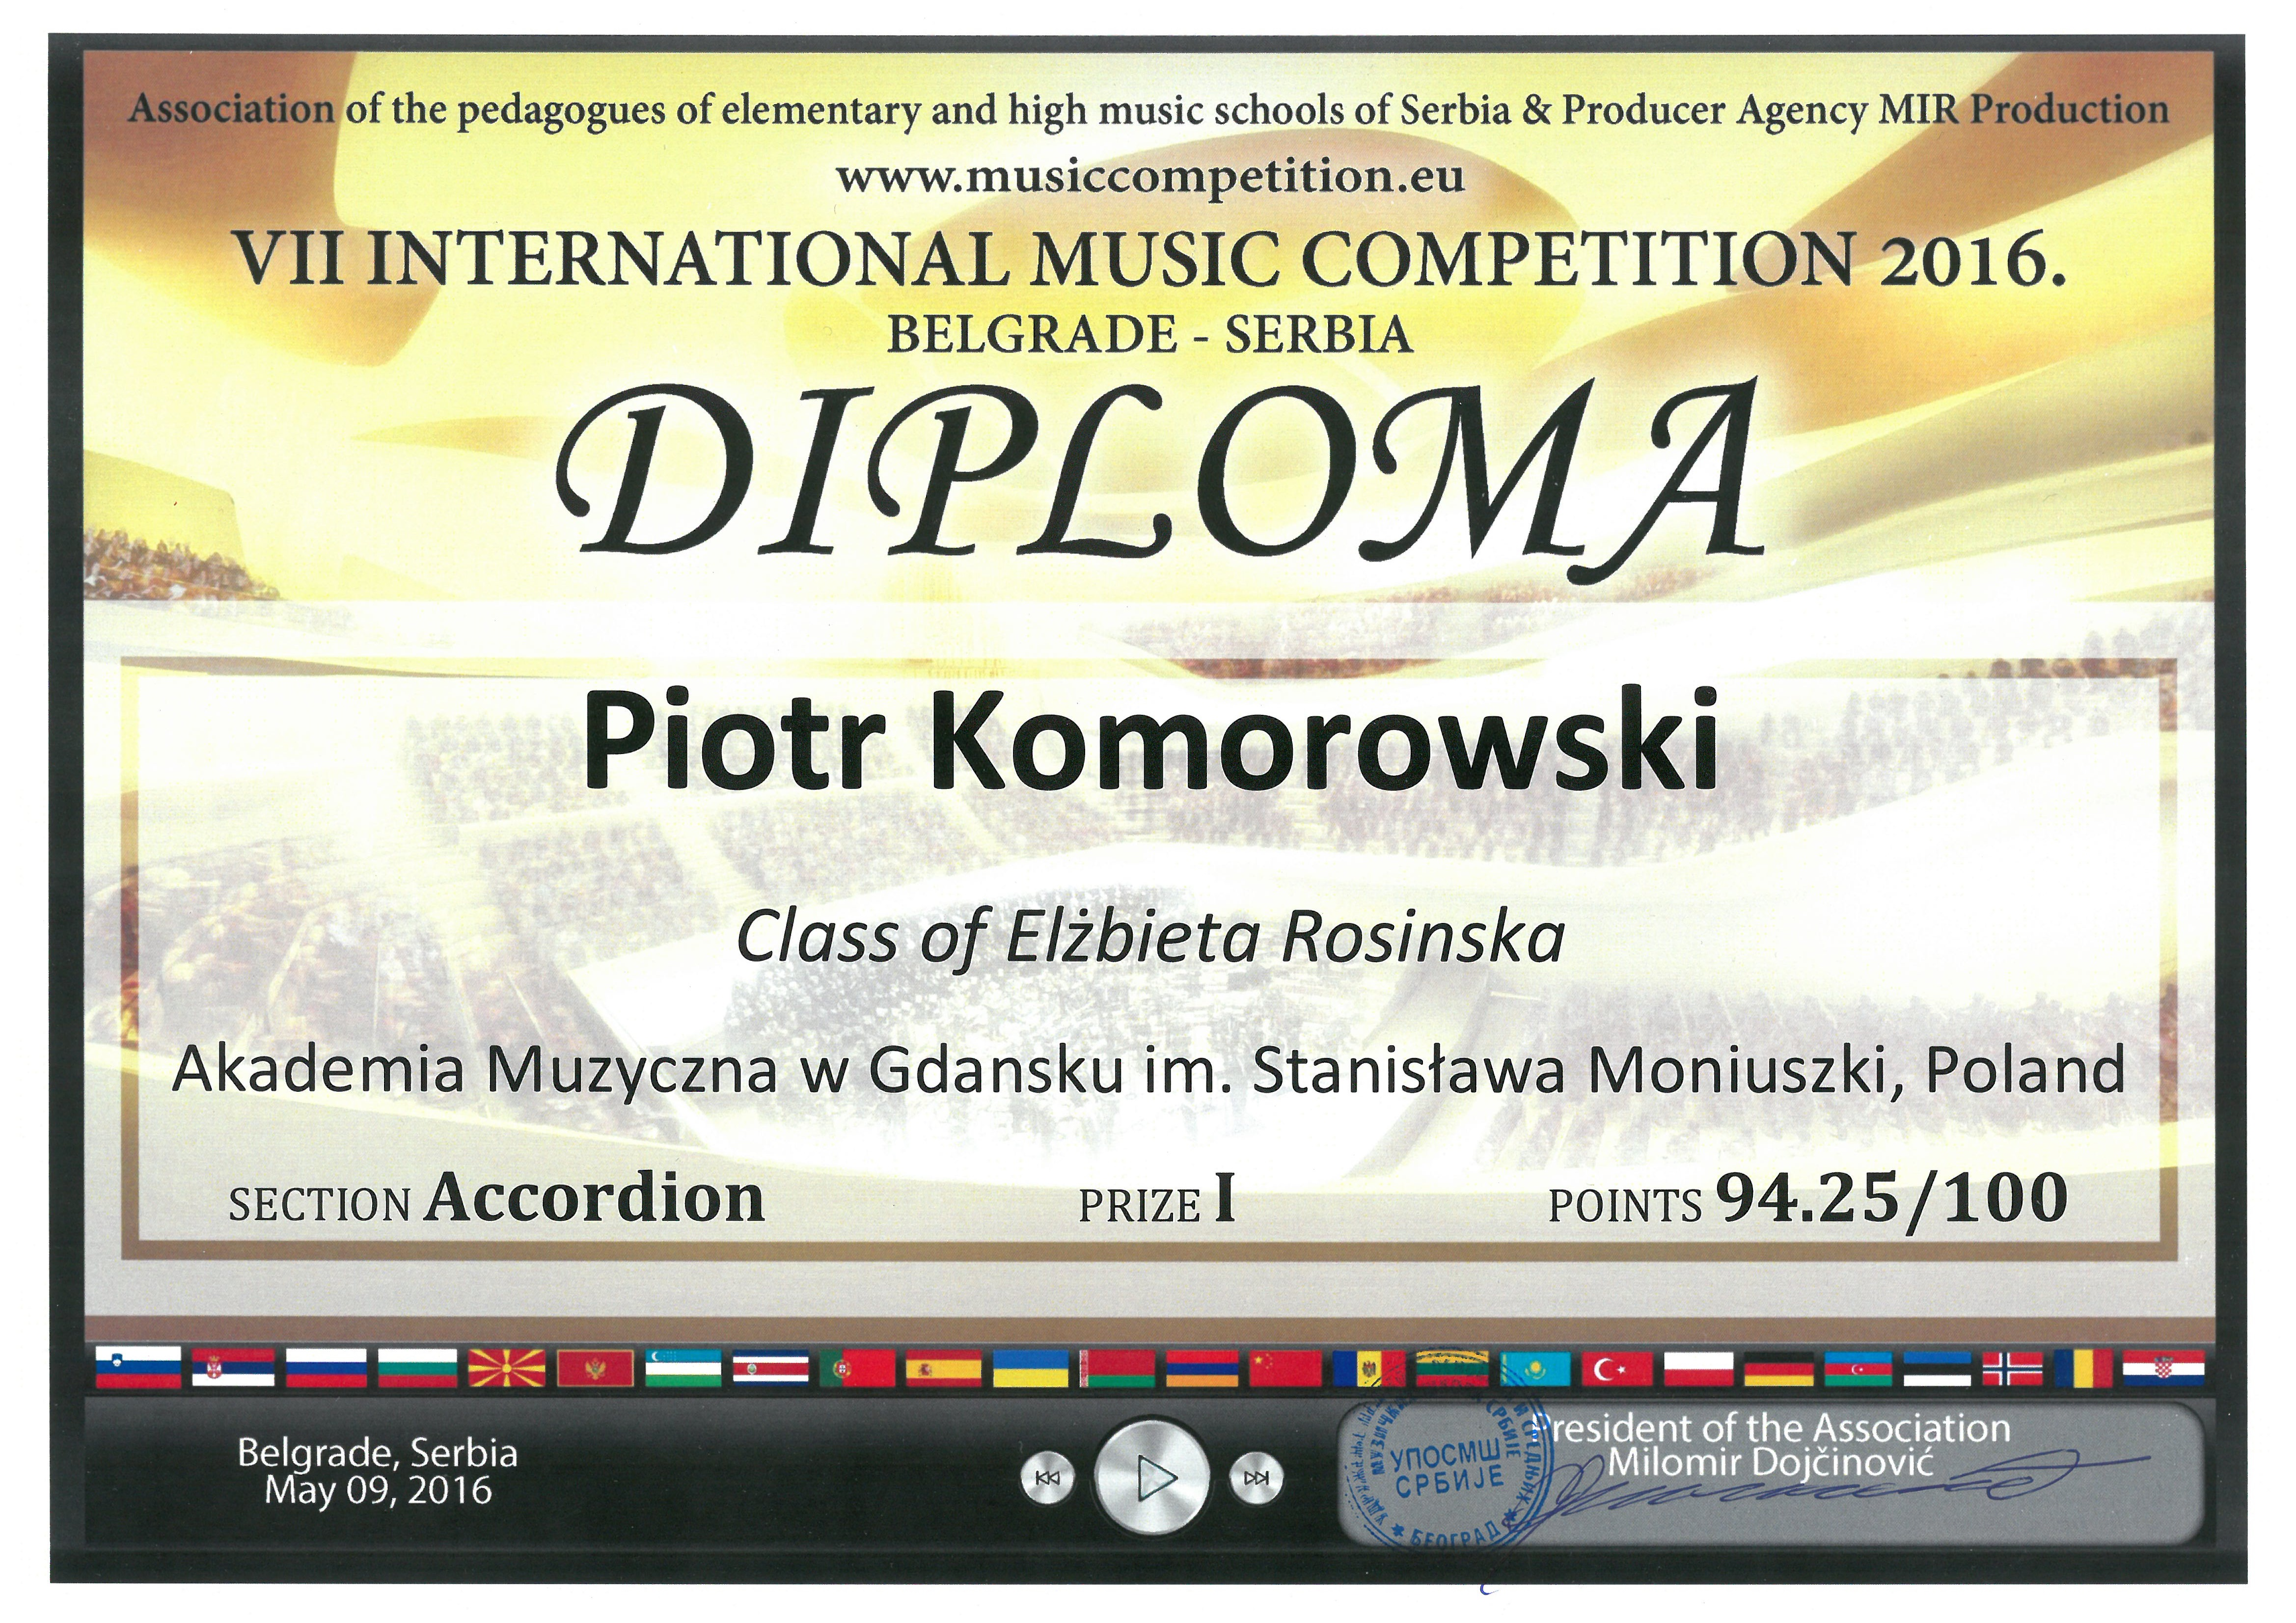 Komorowski_Piotr_Imsce_Serbia_2016